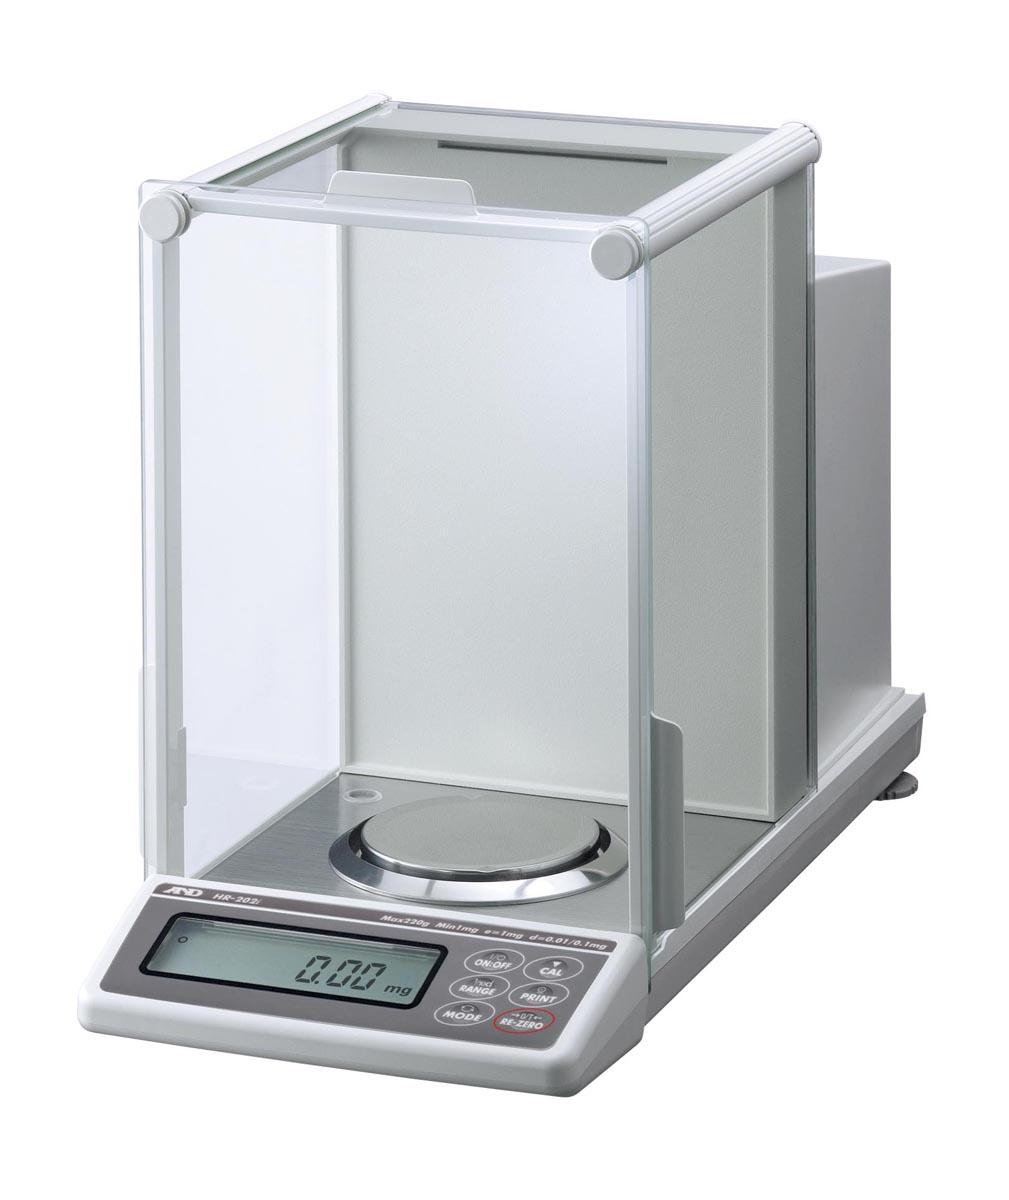 エー・アンド・デイ 分析用電子てんびん HR-300i